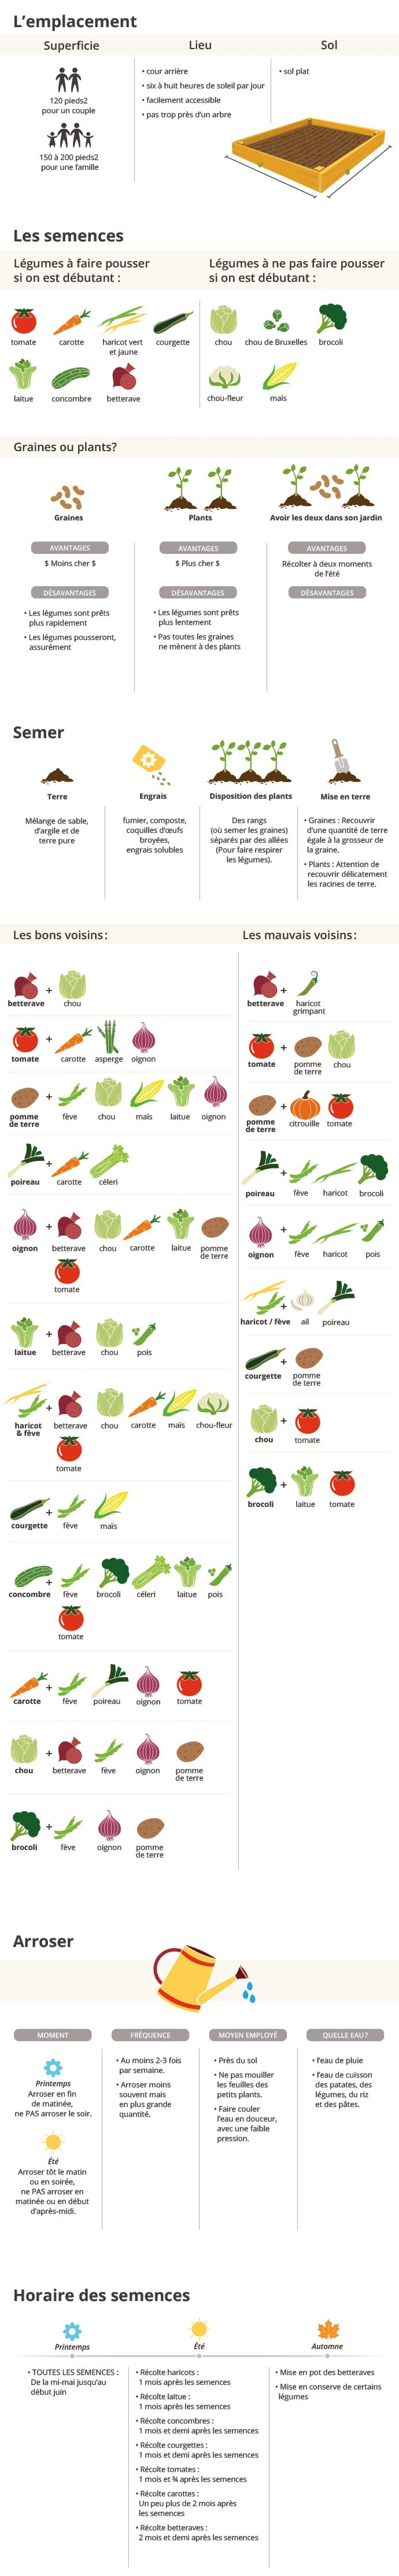 Legumes A Mettre Dans Le Jardin guide de jardinage pour débutants | arctic gardens